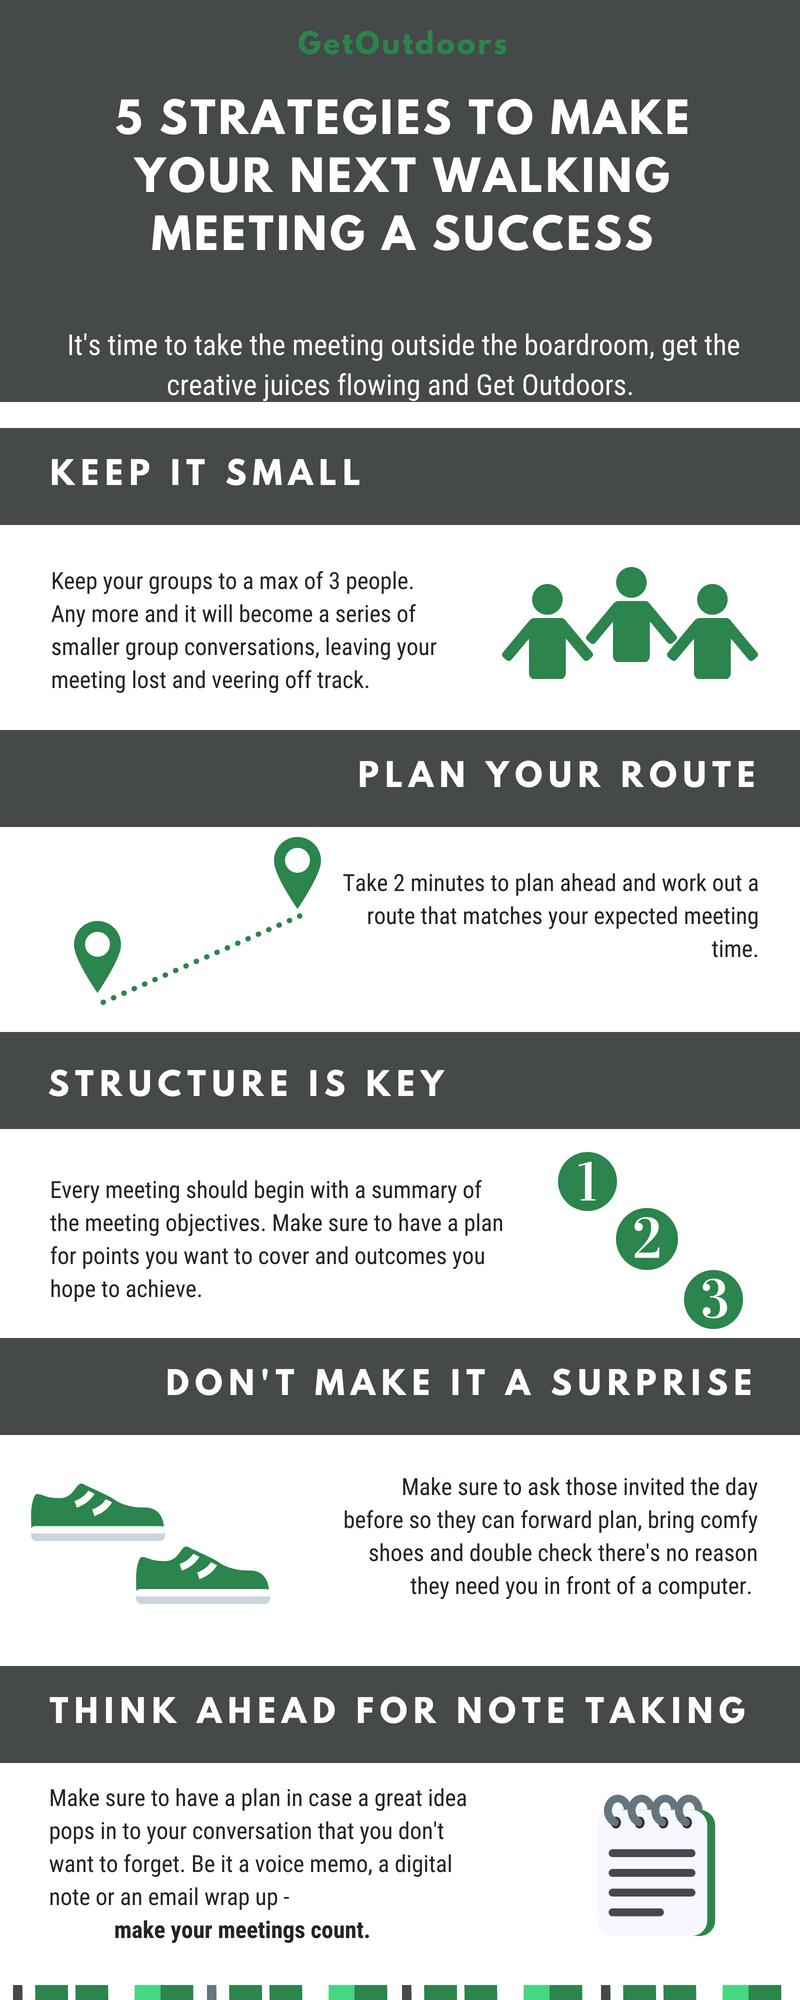 5strategiesforawalkingmeeting.png